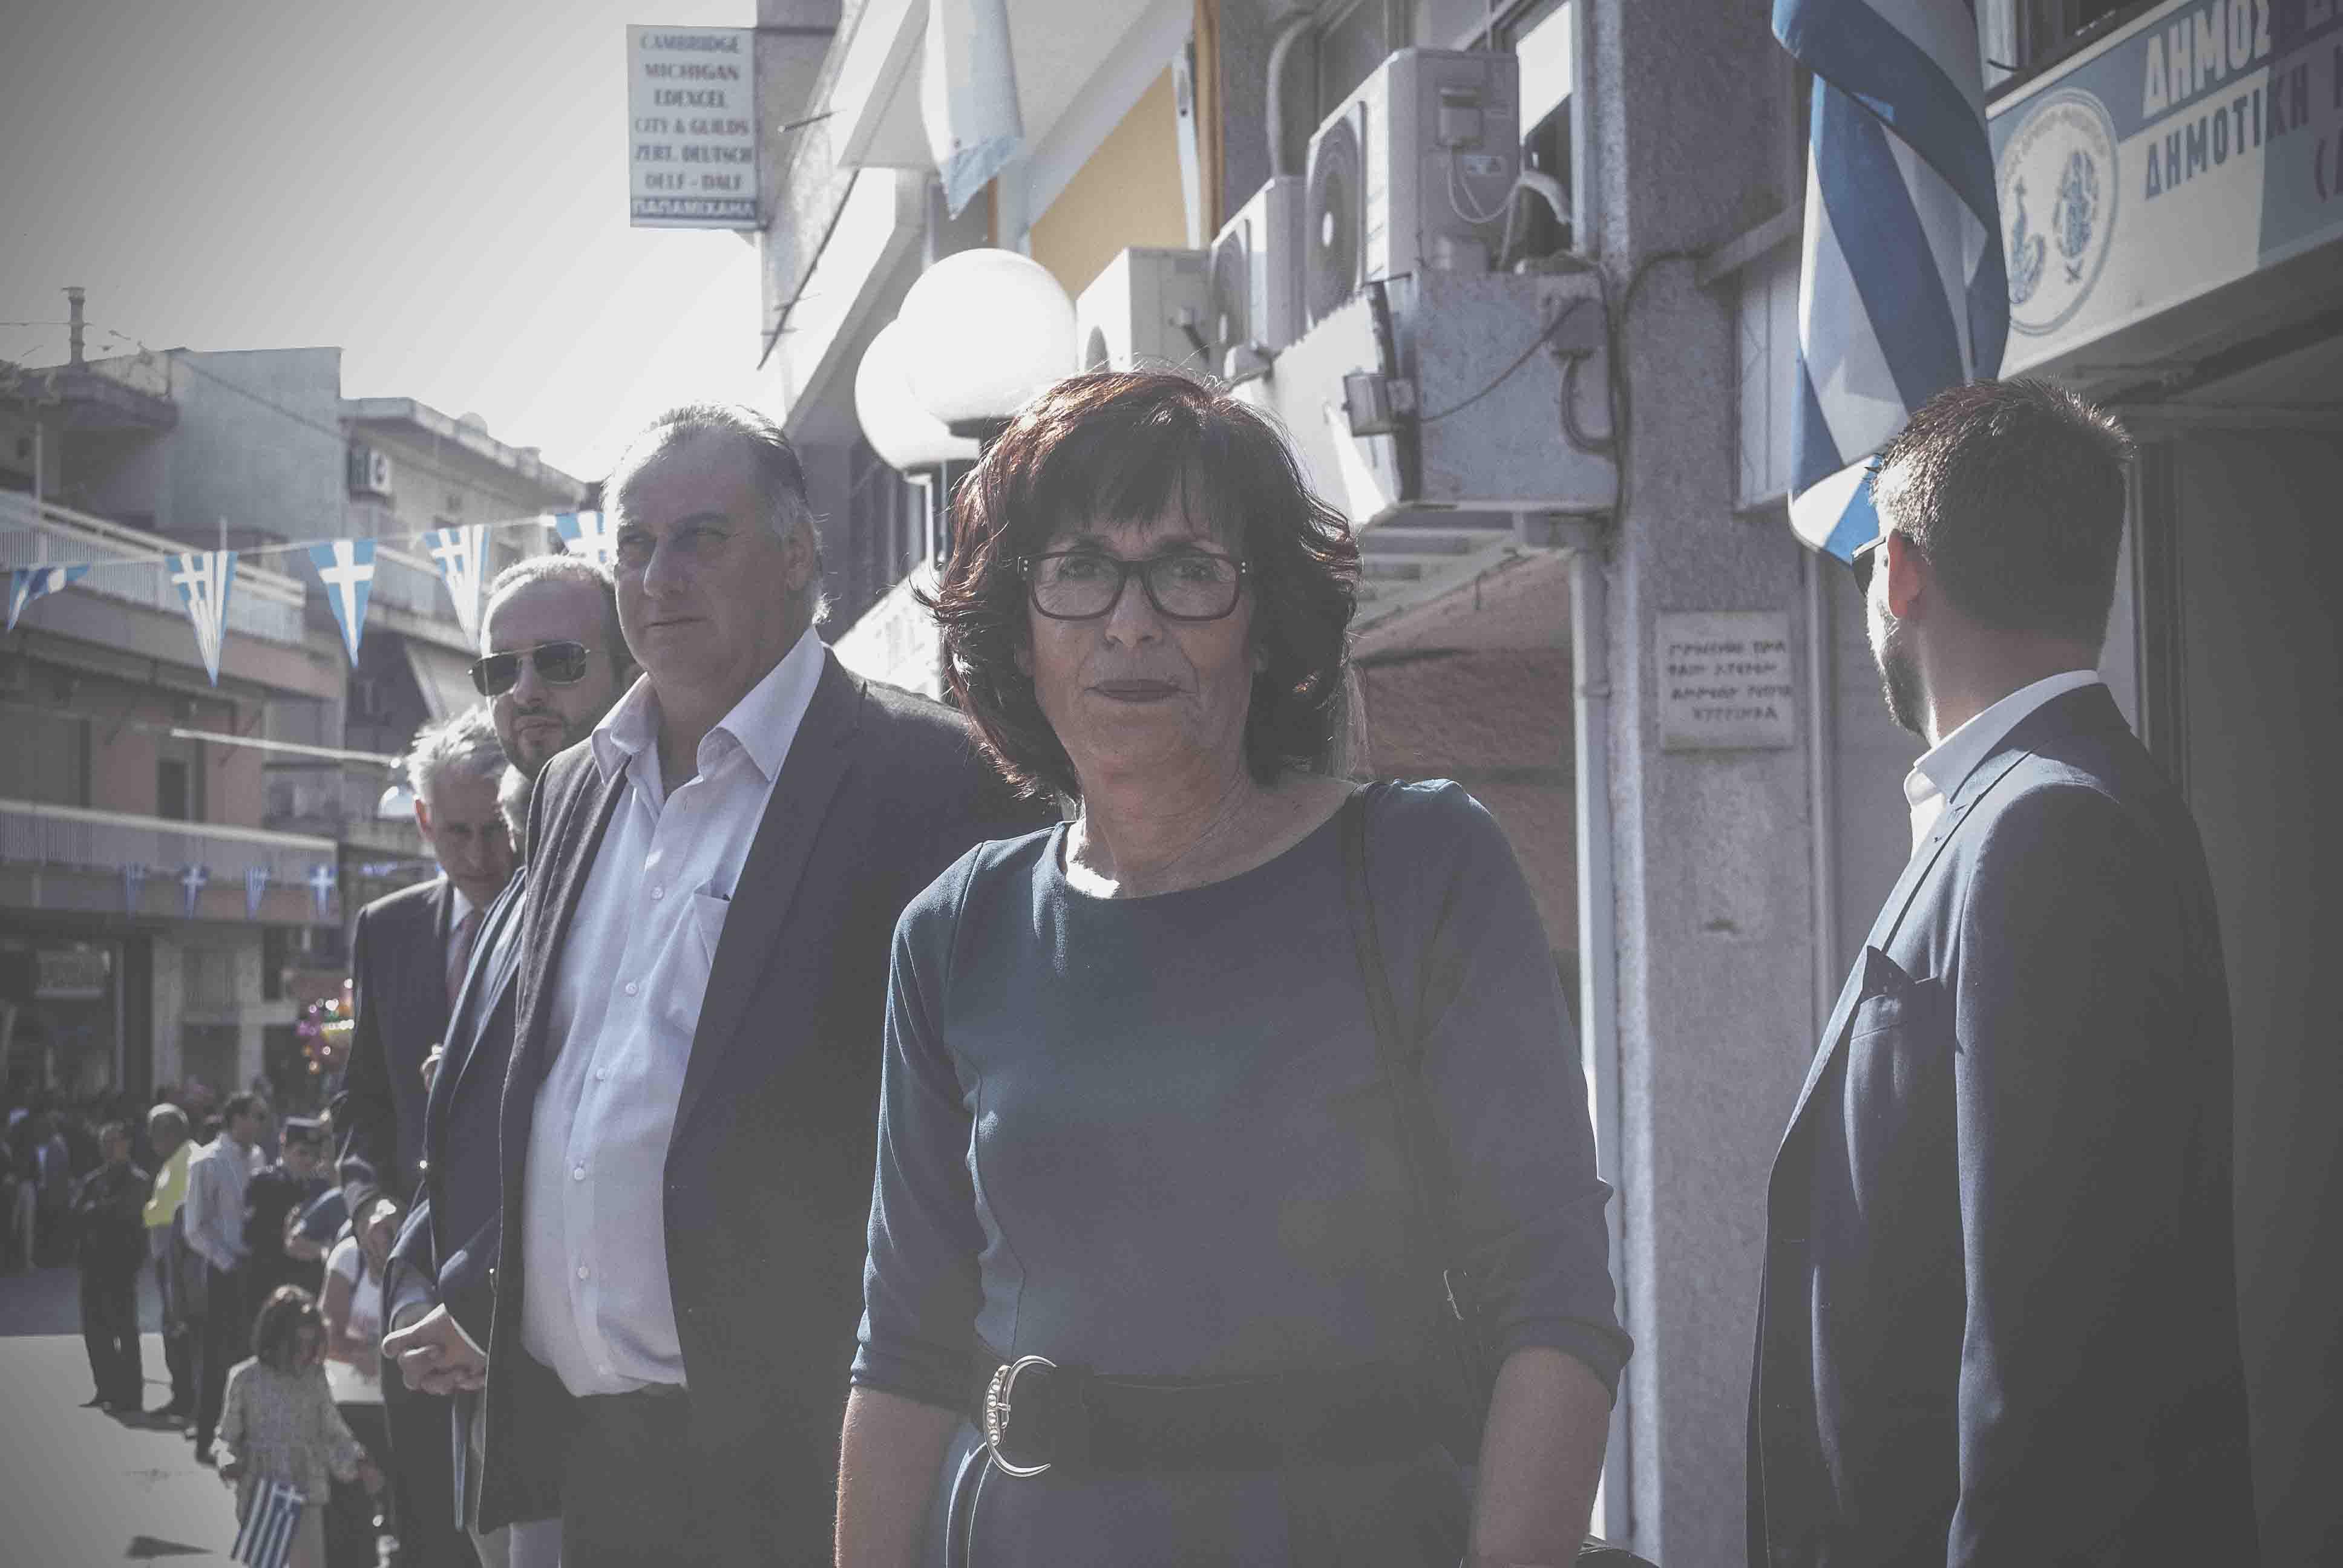 Η παρέλαση της 28ης Οκτωβρίου σε Καστέλλα και Ψαχνά (φωτό) DSC 0304